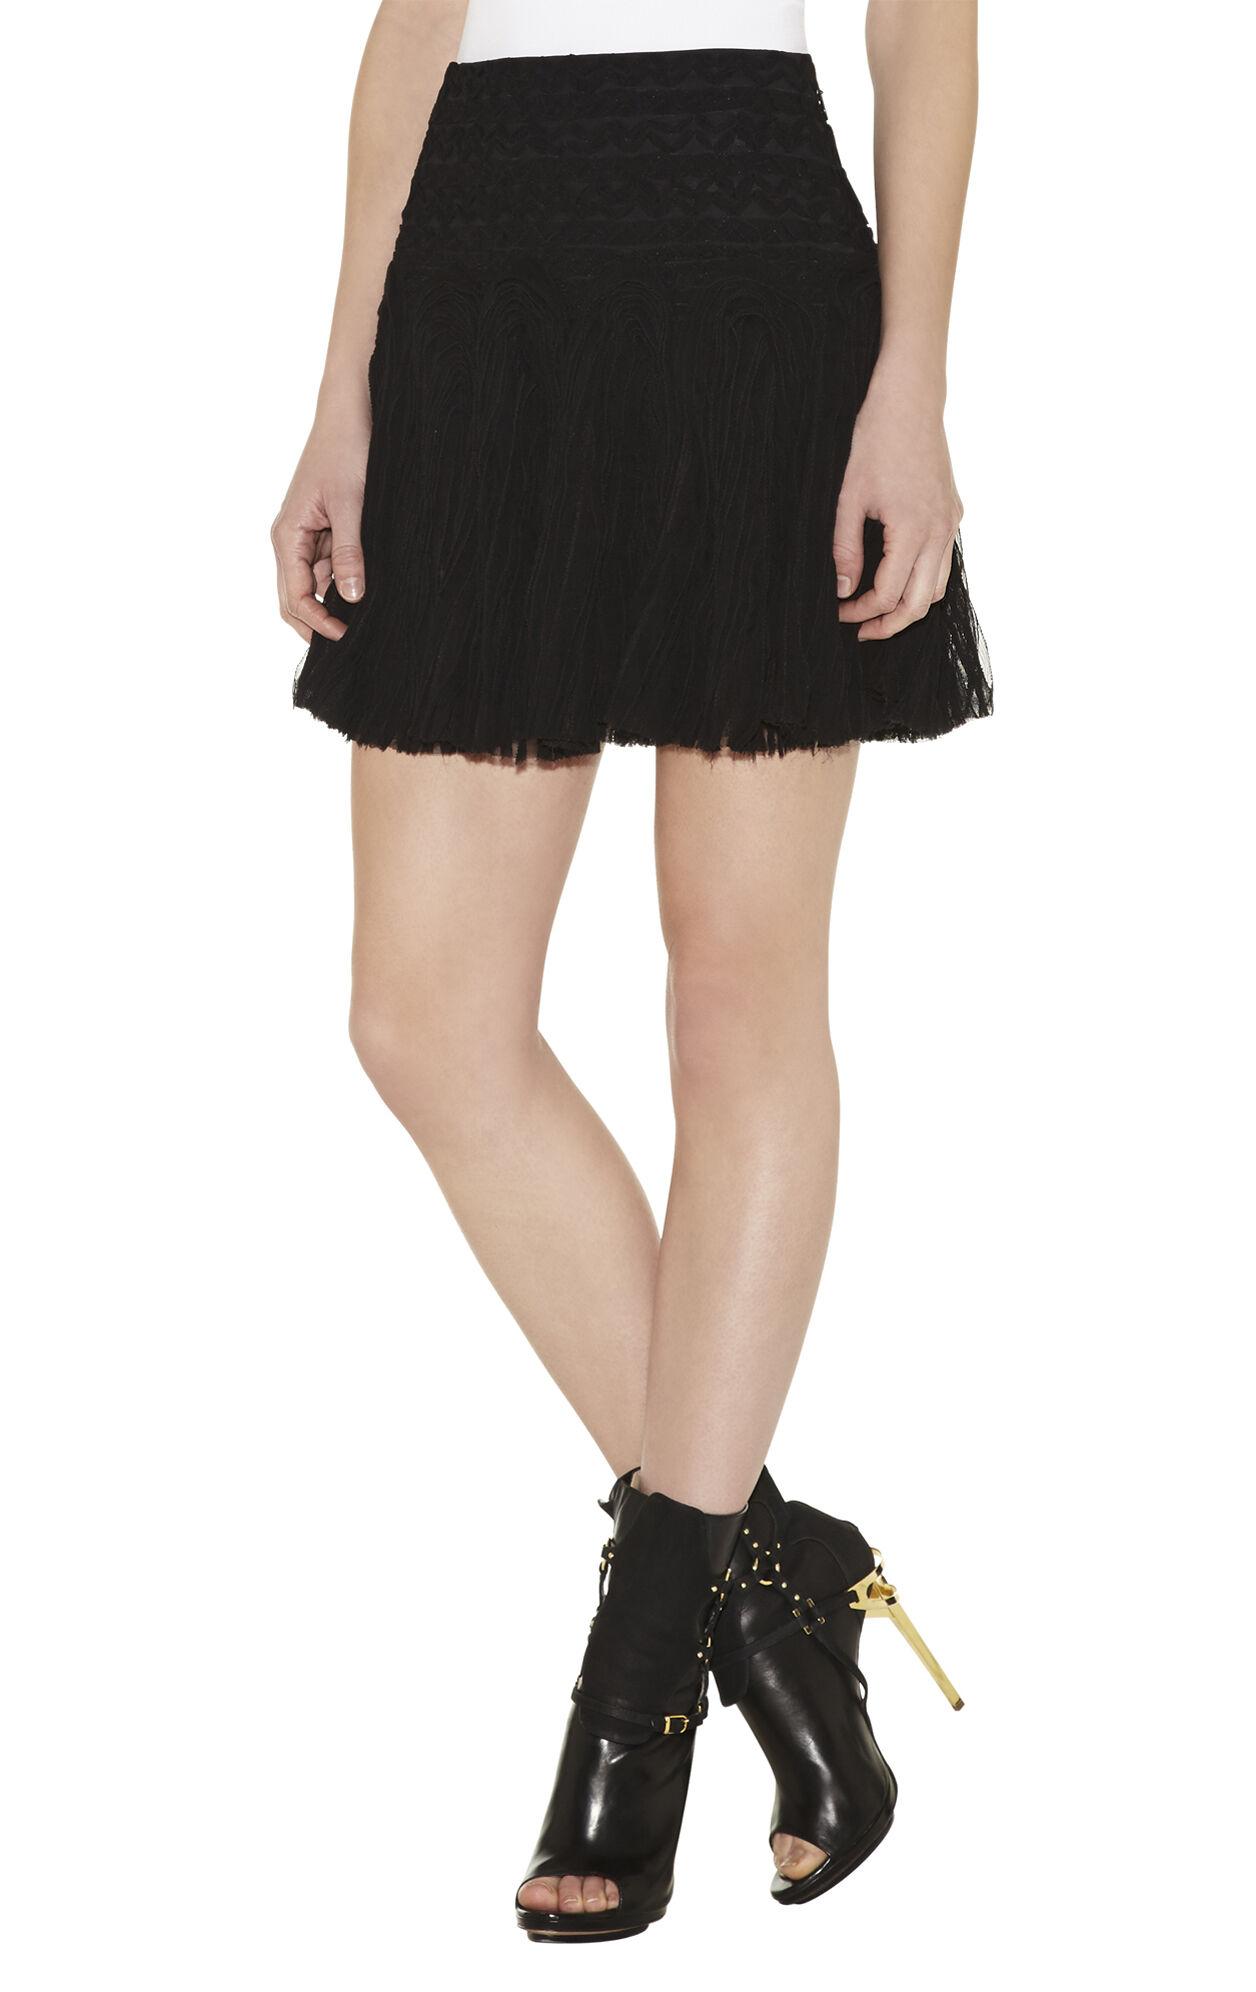 Vivienne Textured Patchwork Skirt